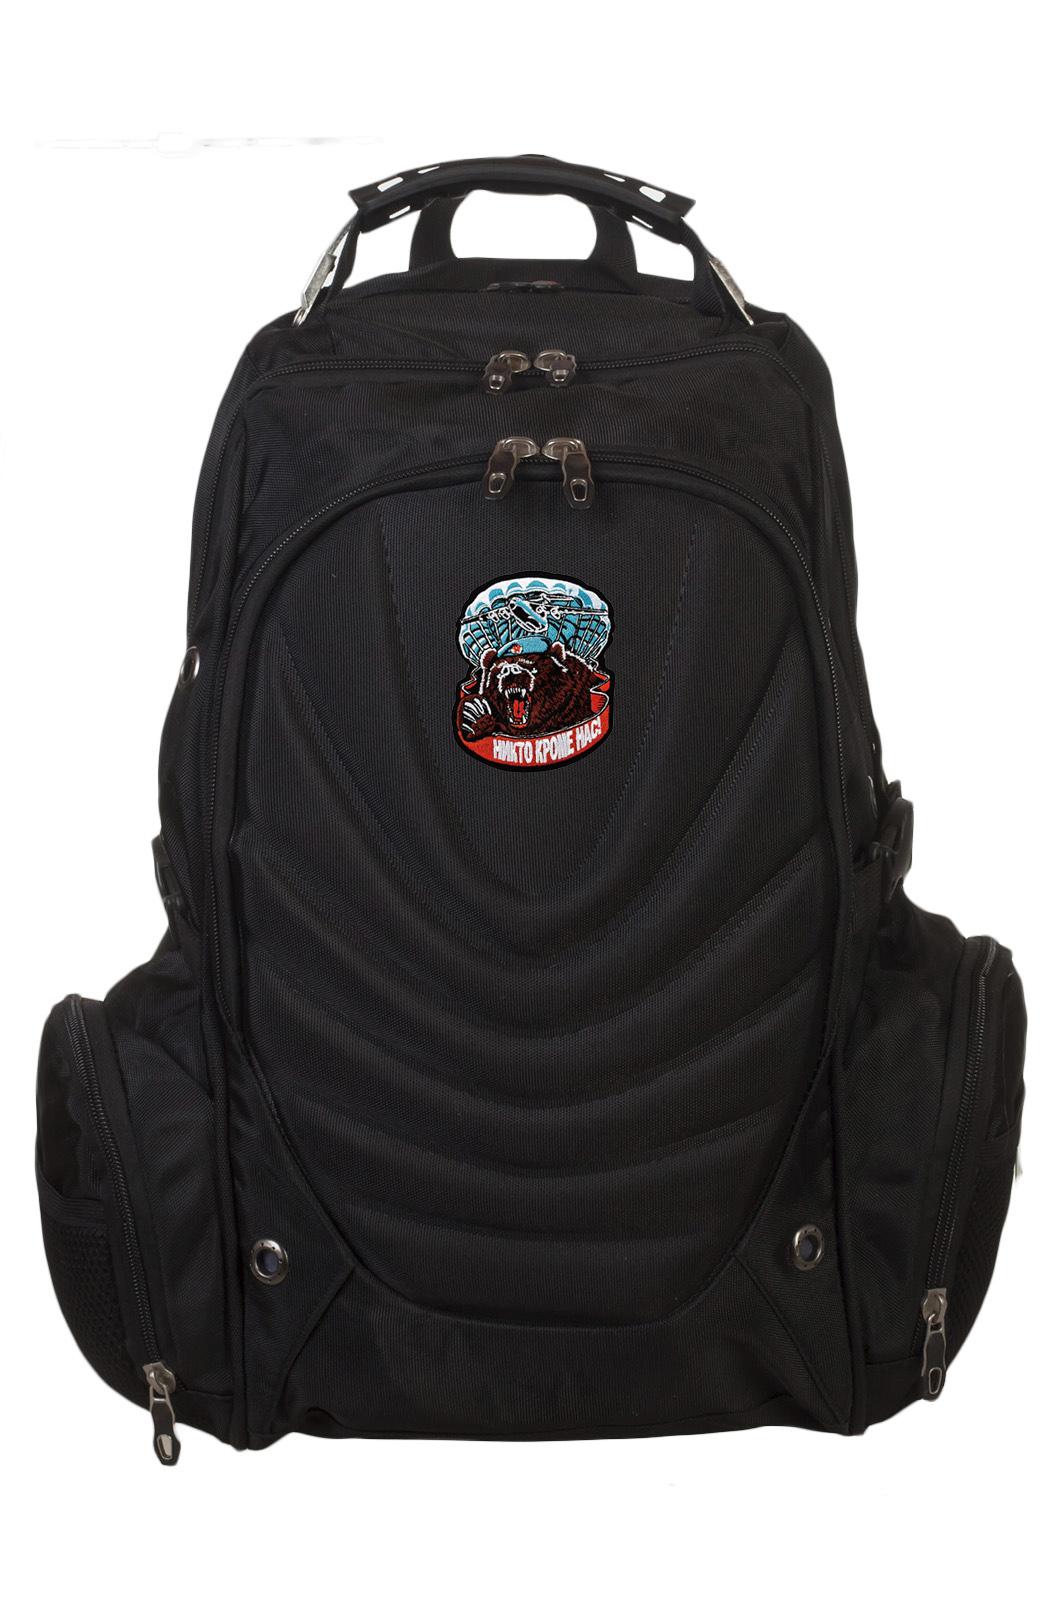 Повседневный мужской рюкзак с нашивкой ВДВ